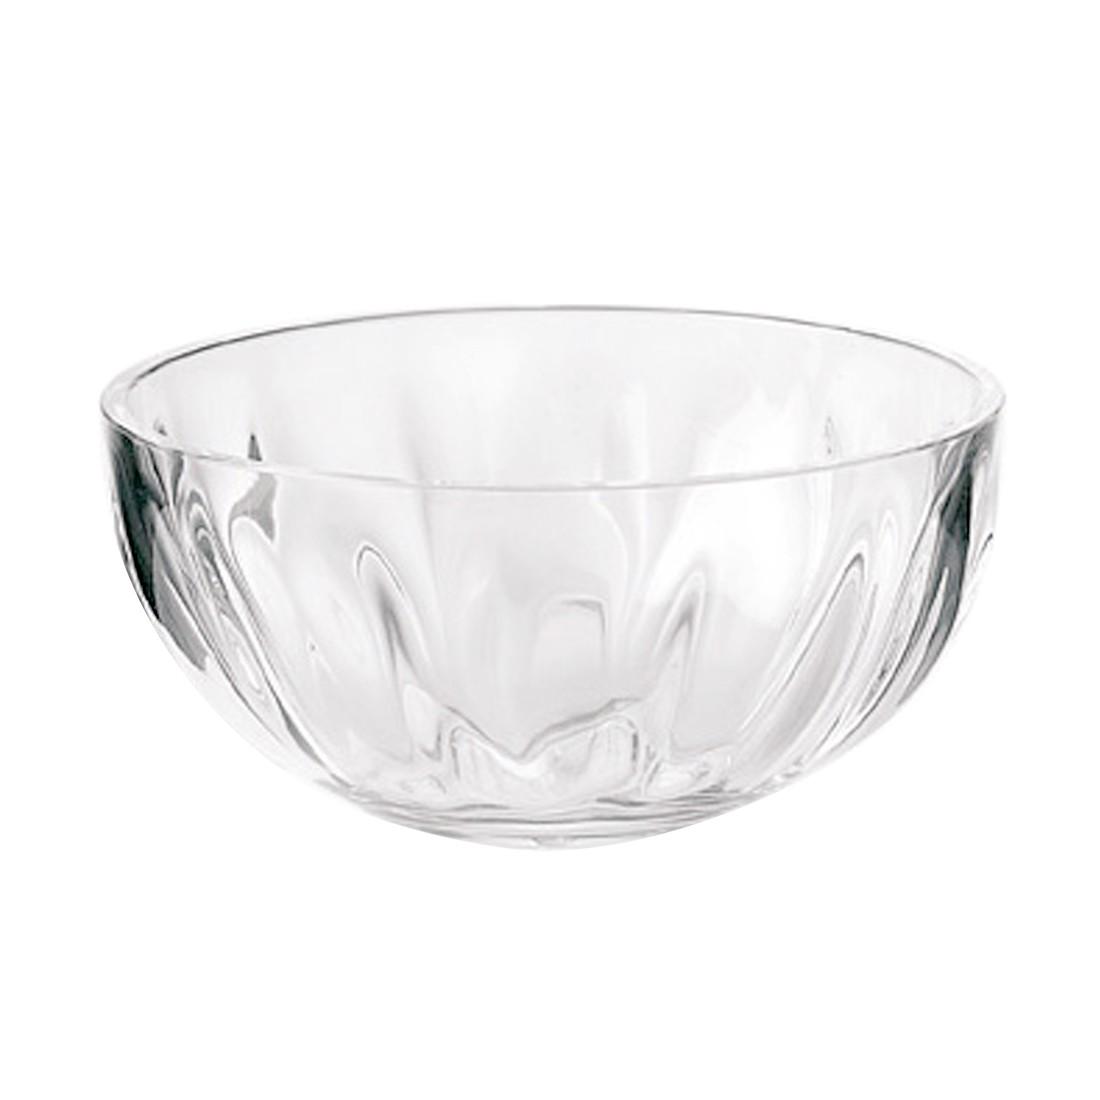 Schüssel Aqua – Kunststoff Transparent – 24 cm, Guzzini günstig kaufen